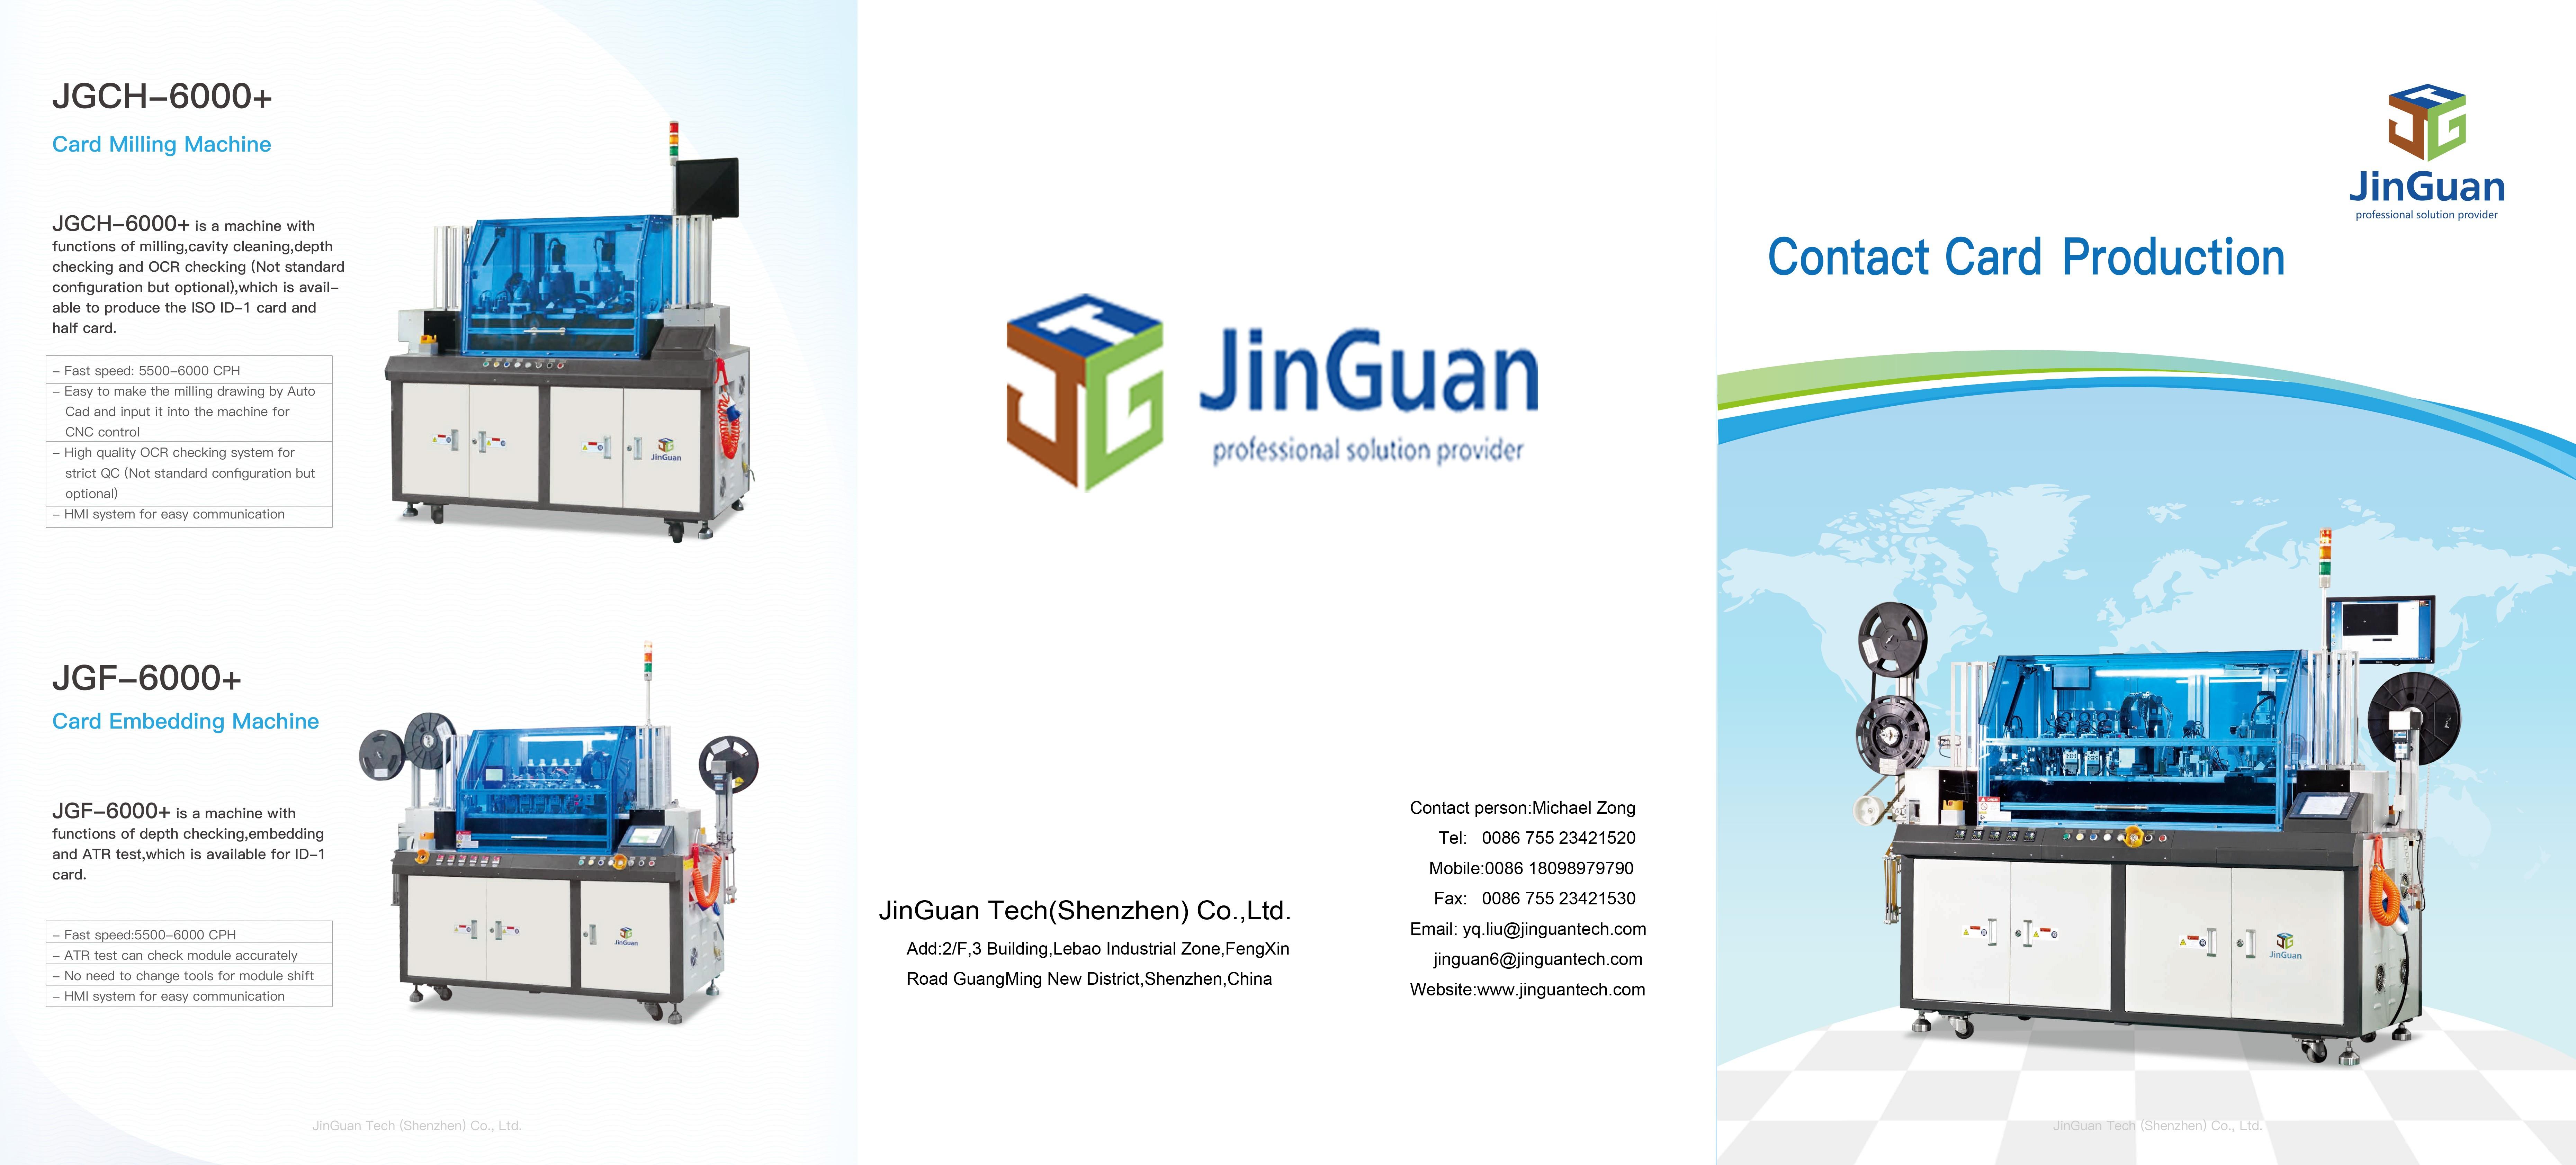 JinGuan Tech(ShenZhen)Co ,Ltd | LinkedIn